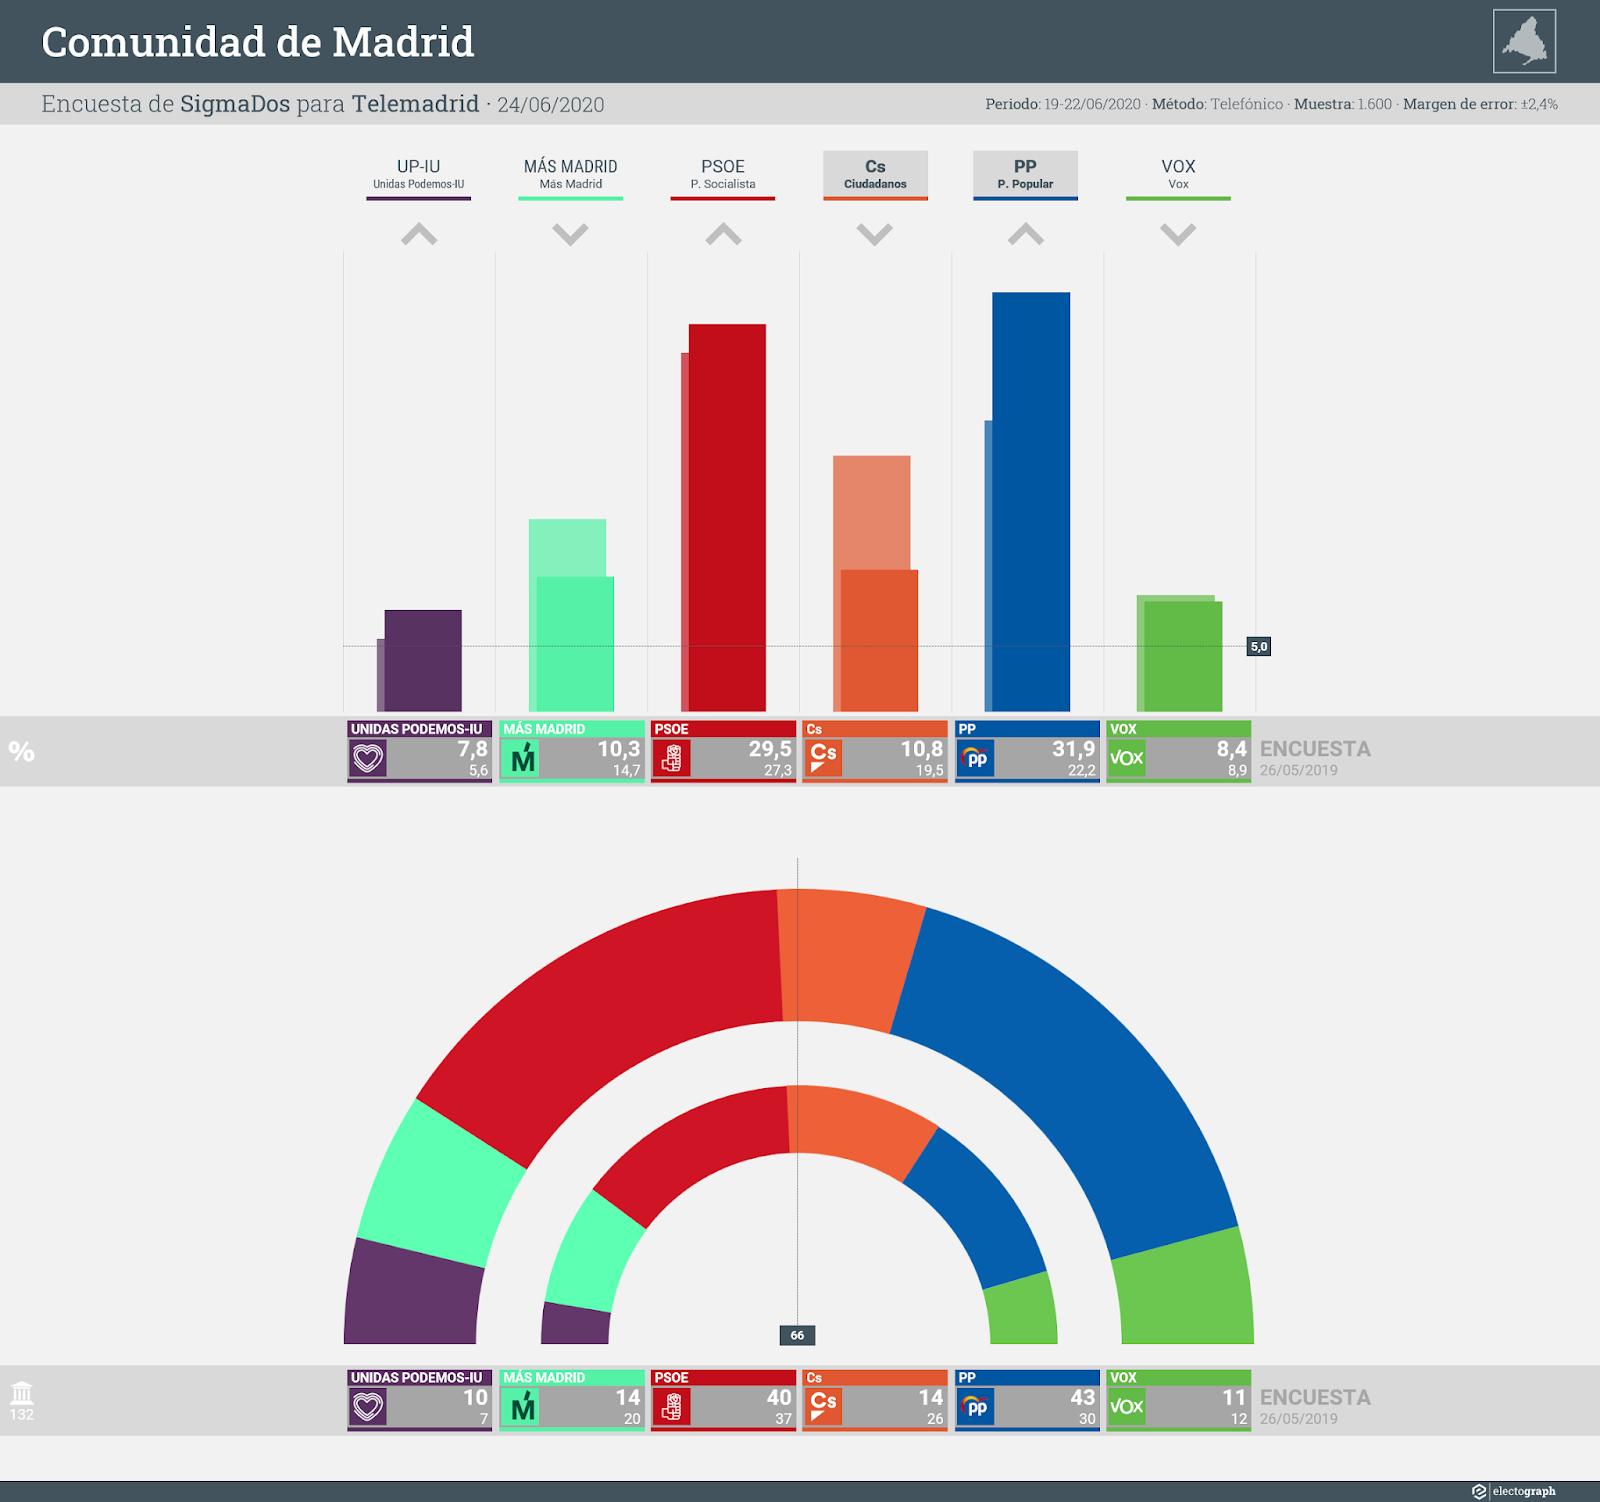 Gráfico de la encuesta para elecciones autonómicas en la Comunidad de Madrid realizada por SigmaDos para Telemadrid, 24 de junio de 2020